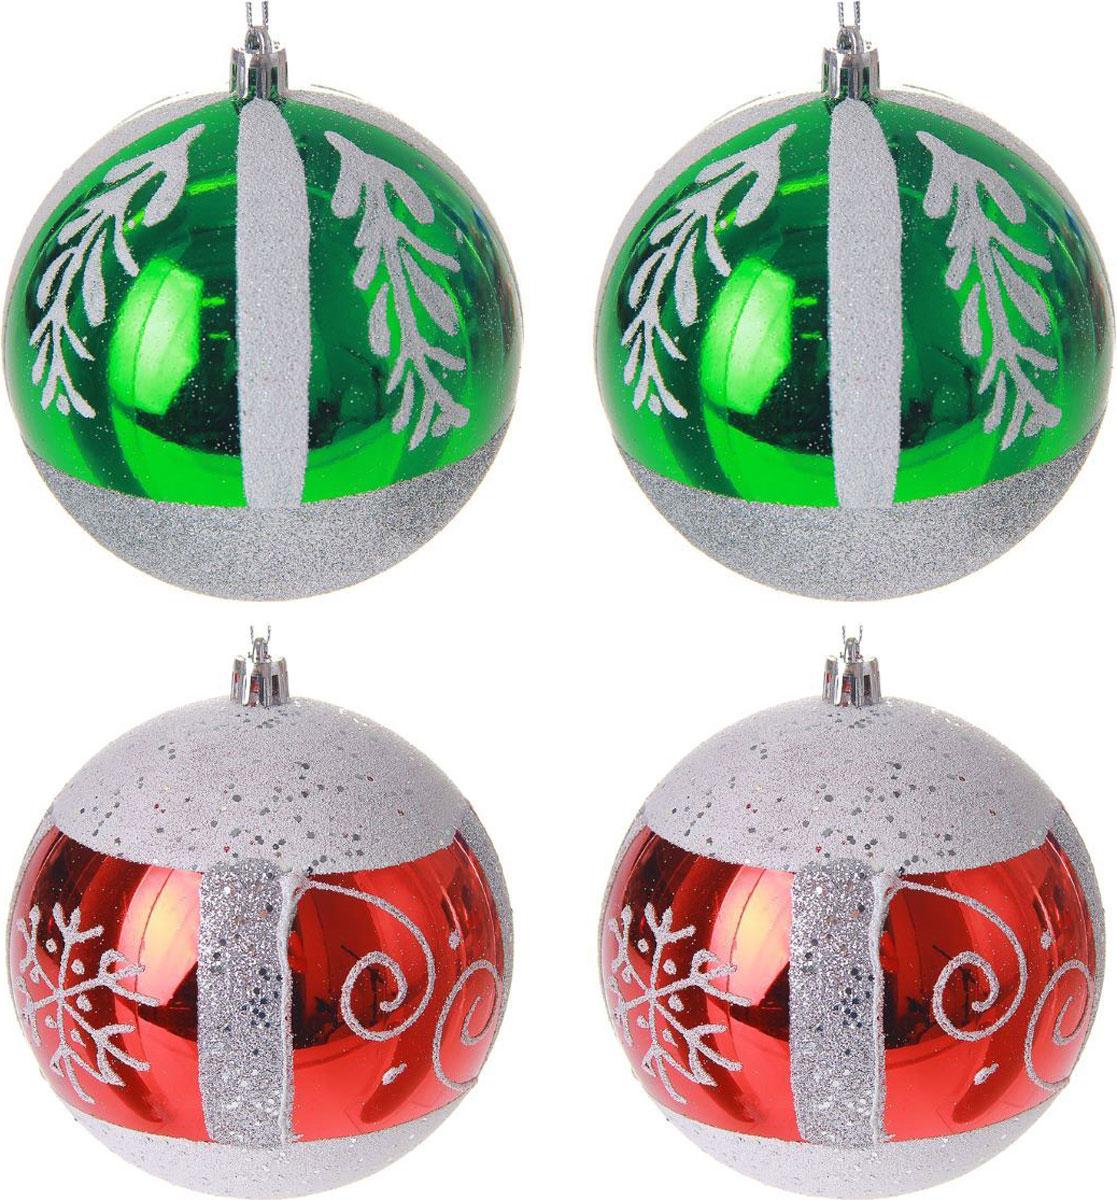 Набор новогодних подвесных украшений Sima-land Снежинка. Блеск, цвет: зеленый, диаметр 10 см, 4 шт2122872Невозможно представить нашу жизнь без праздников! Мы всегда ждём их и предвкушаем, обдумываем, как проведём памятный день, тщательно выбираем подарки и аксессуары, ведь именно они создают и поддерживают торжественный настрой.